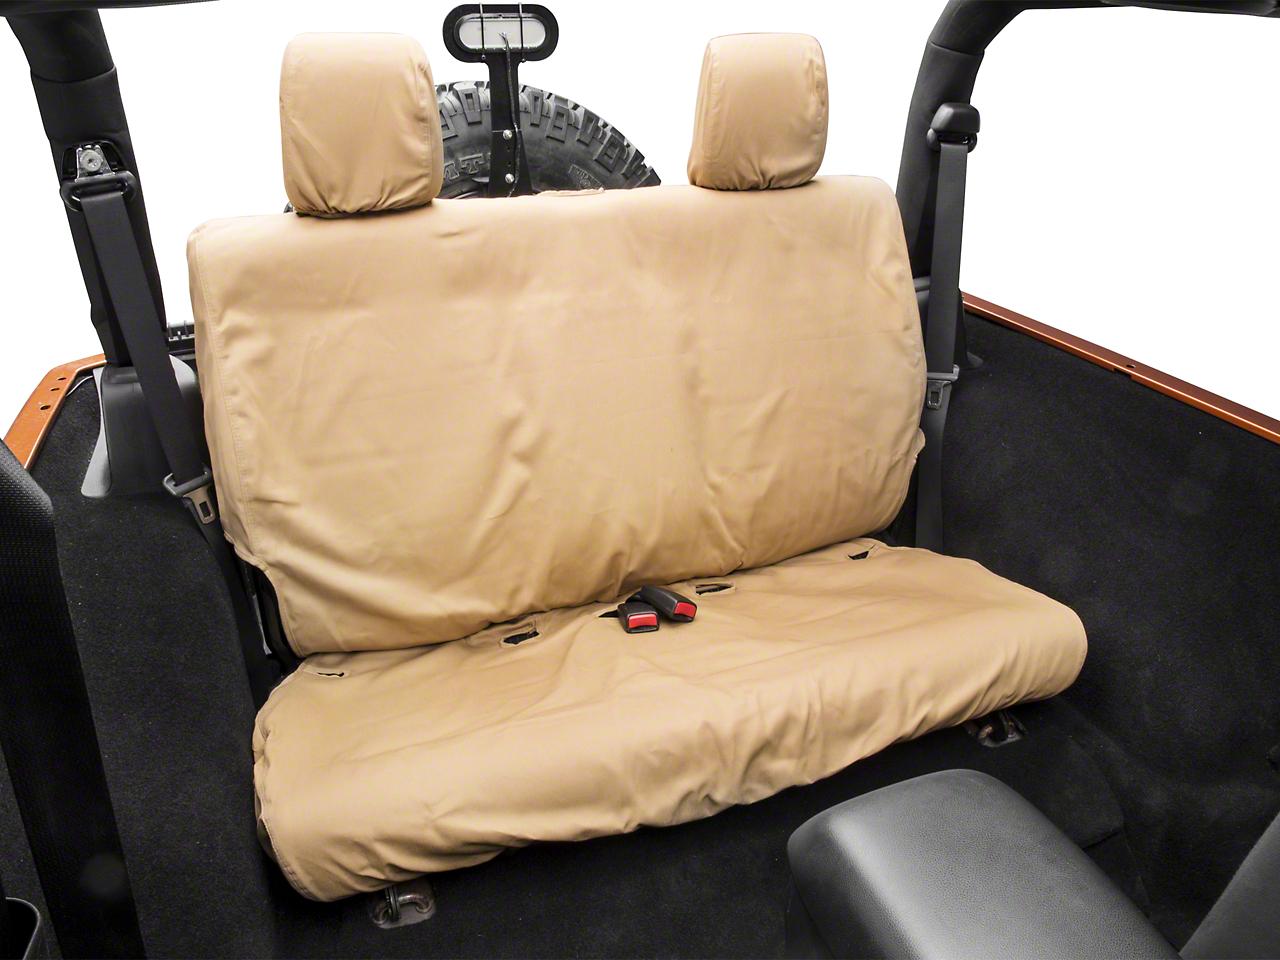 Covercraft Seat Saver 2nd Row Seat Covers - Tan (07-18 Wrangler JK 2 Door; 2018 Wrangler JL 2 Door)